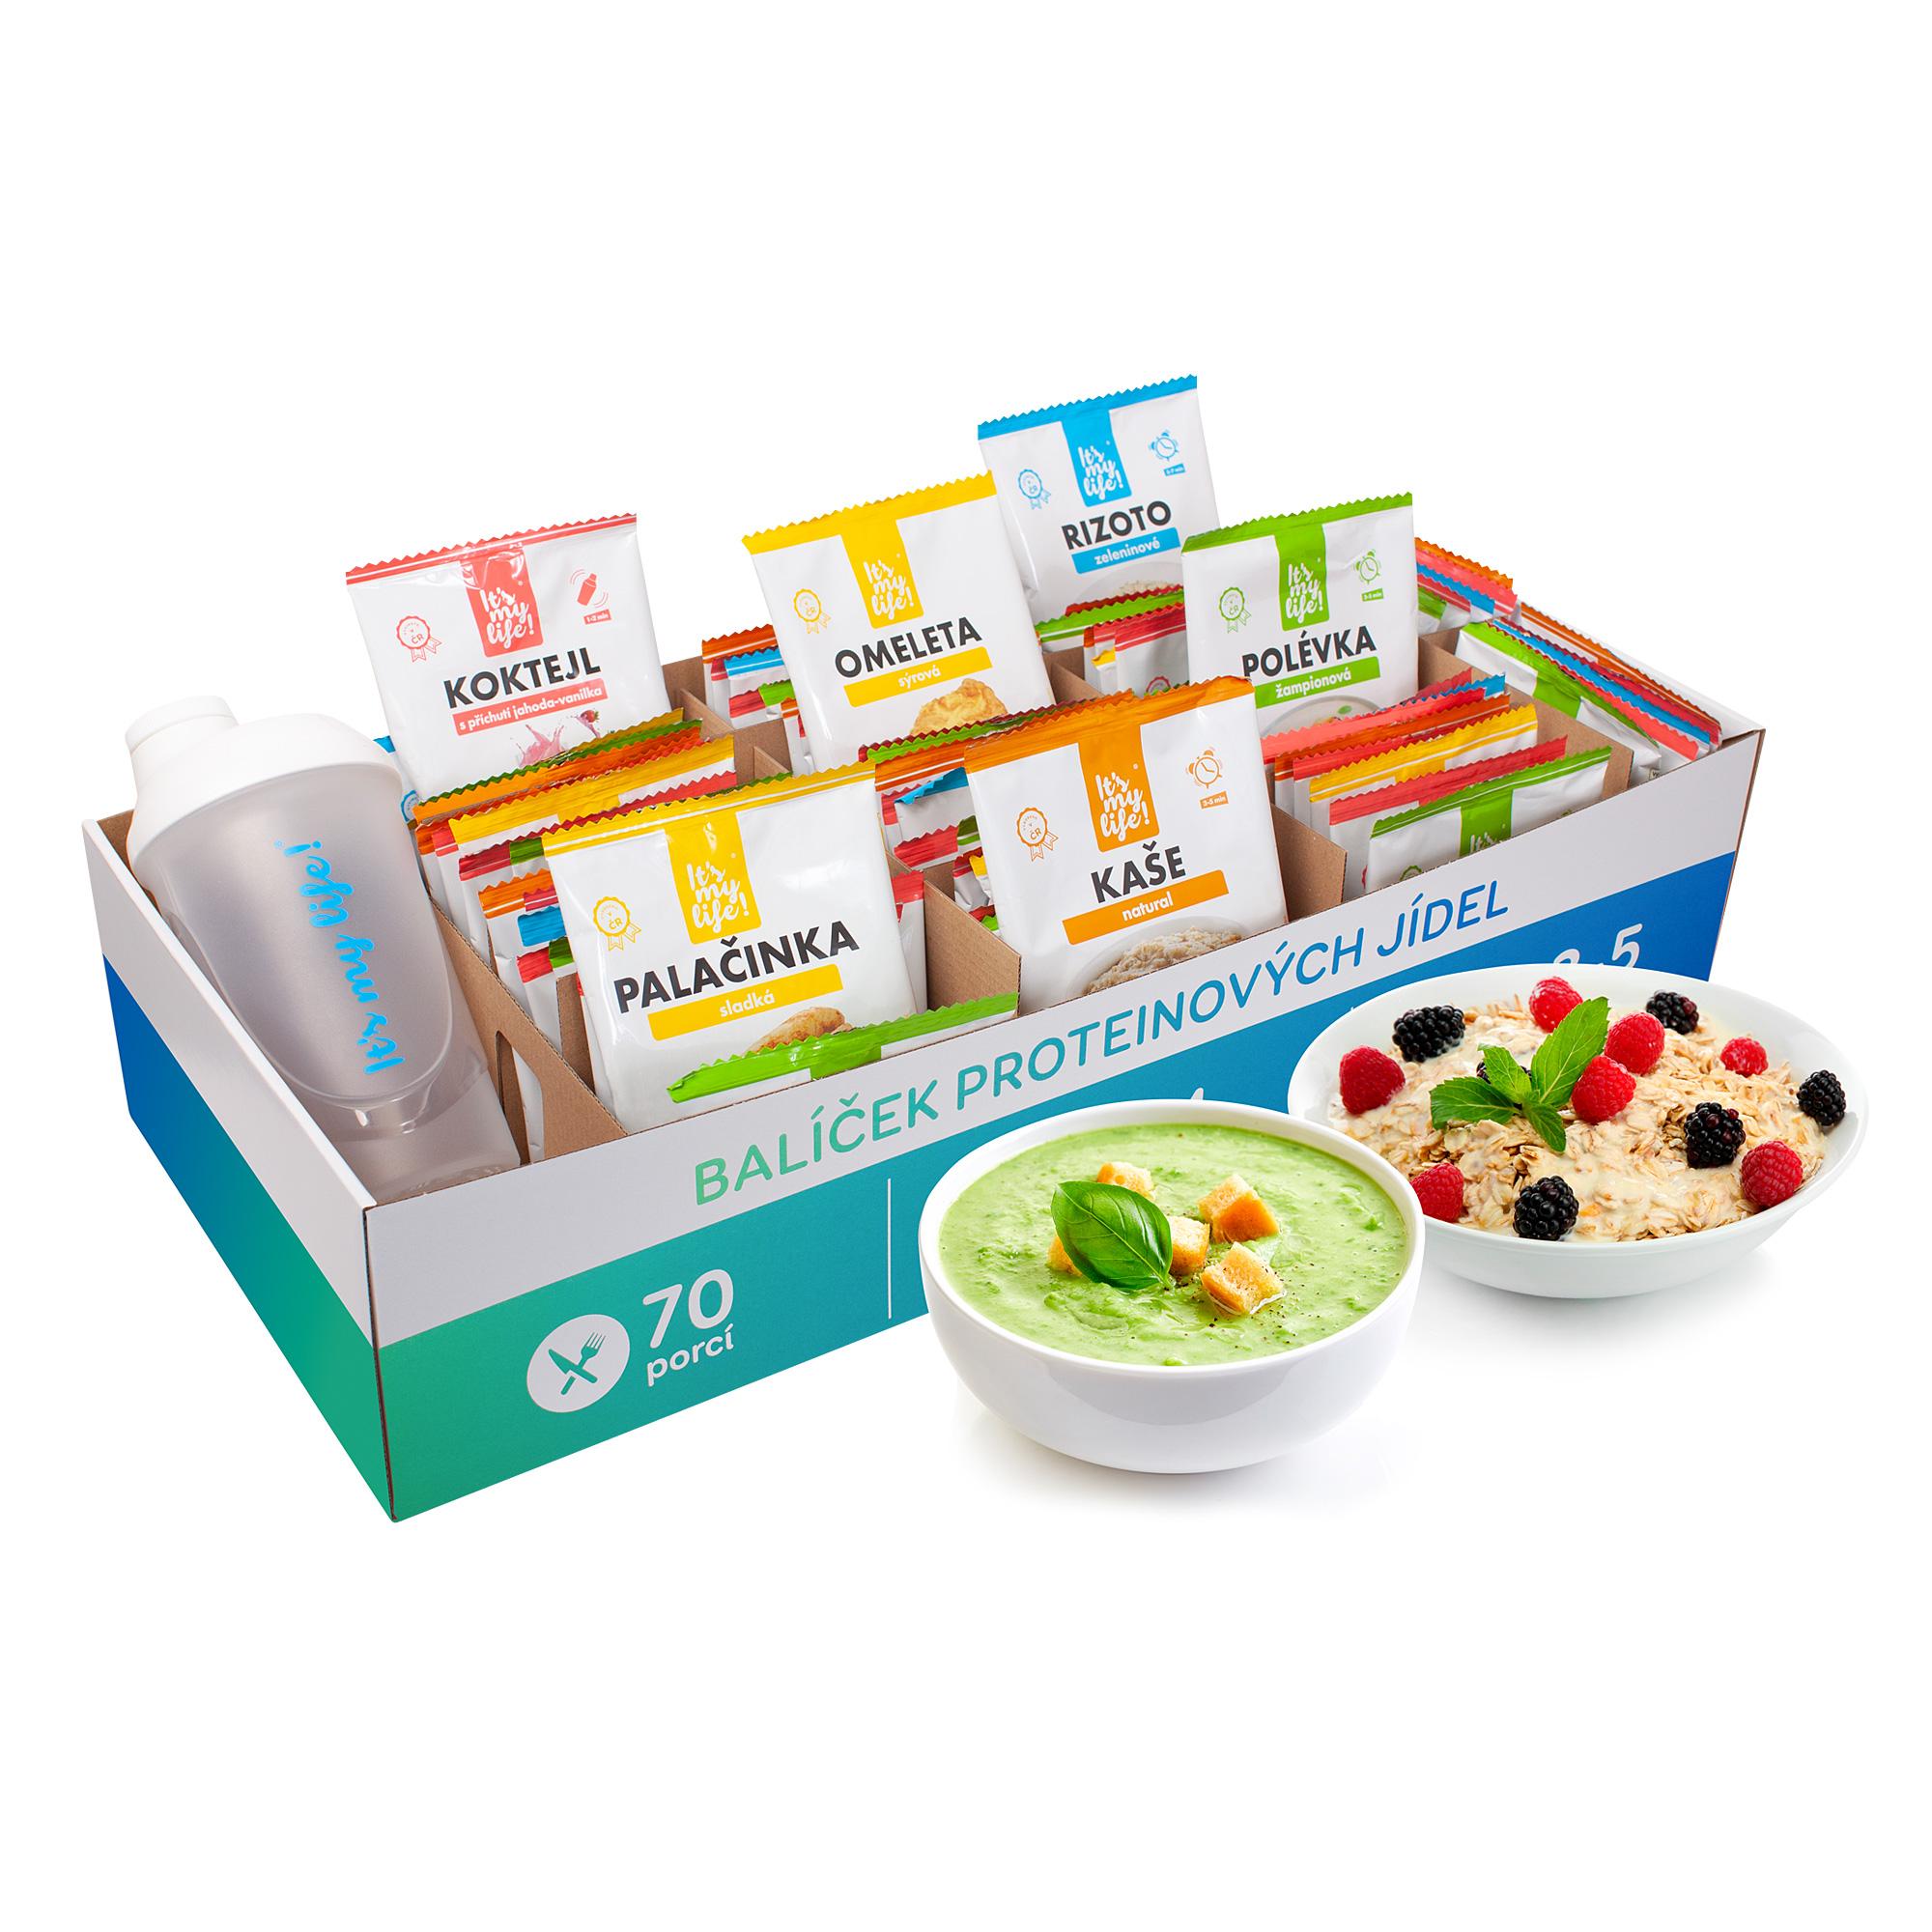 It's my life! Proteinová dieta na 2 týdny 2900g (70 porcí)